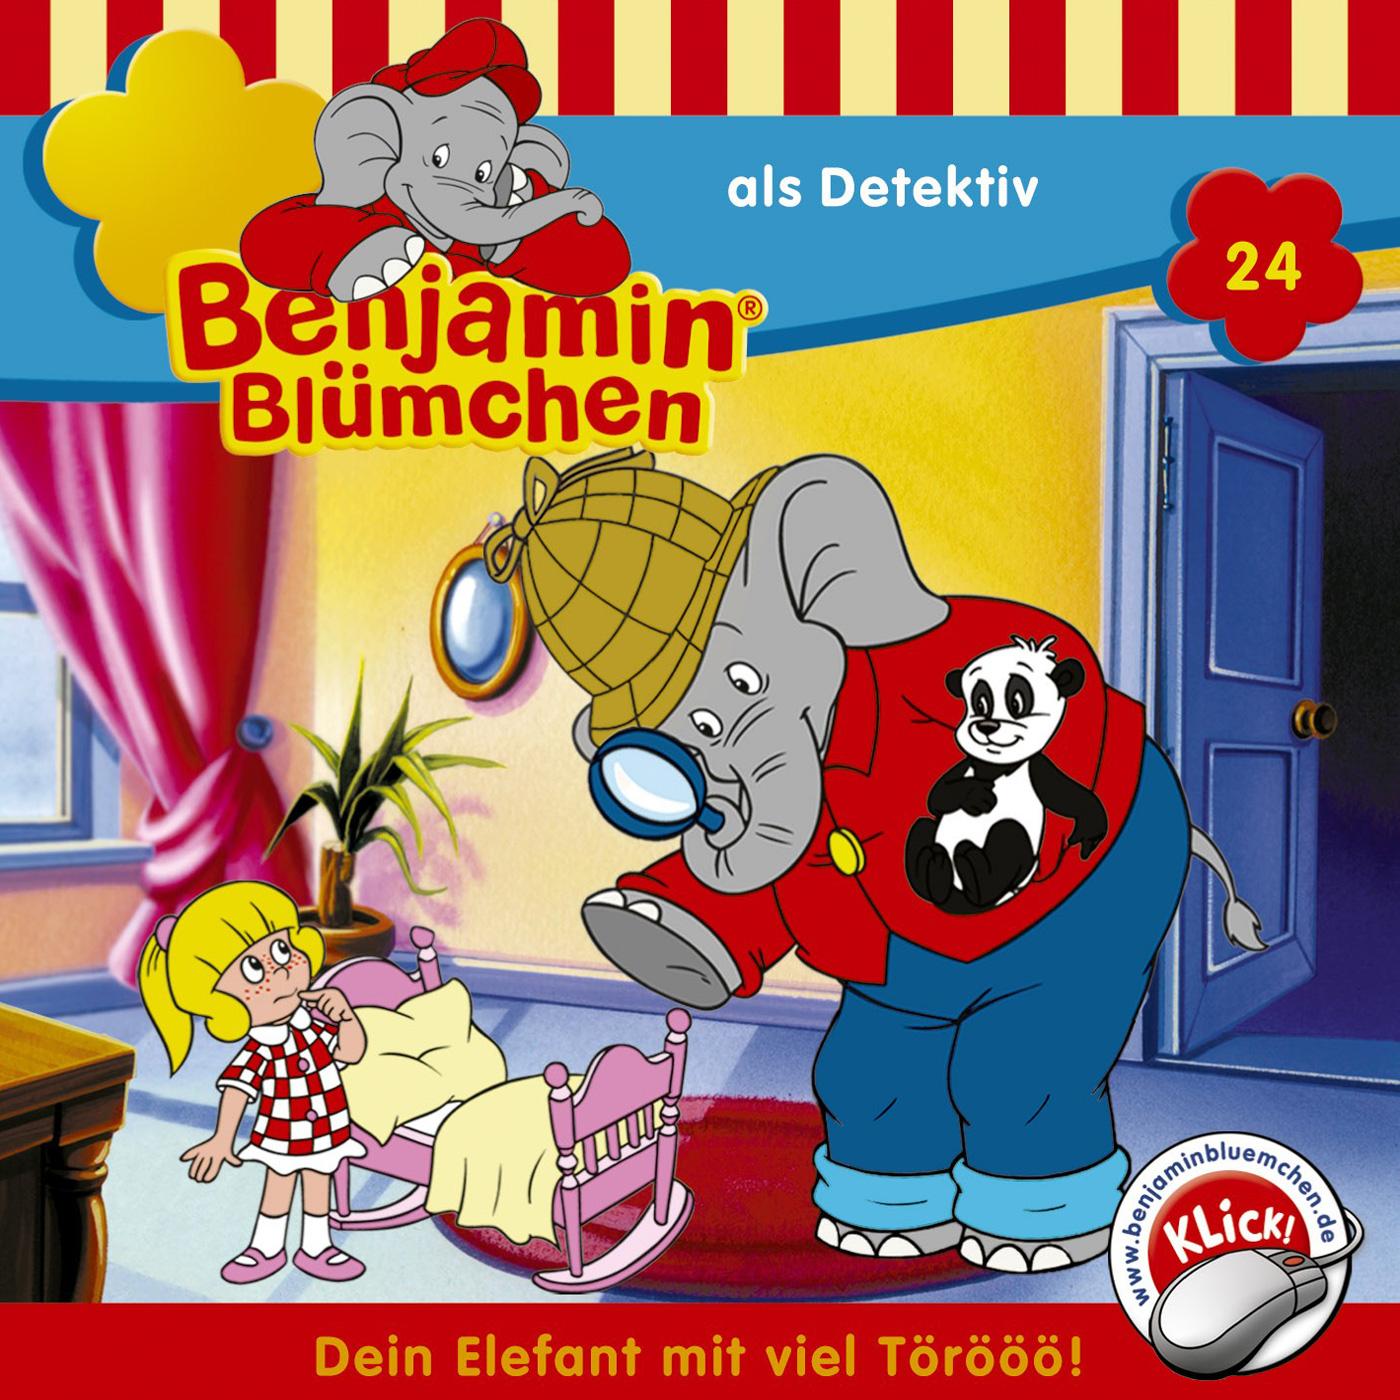 Benjamin Blümchen ... als Detektiv (Folge 24)